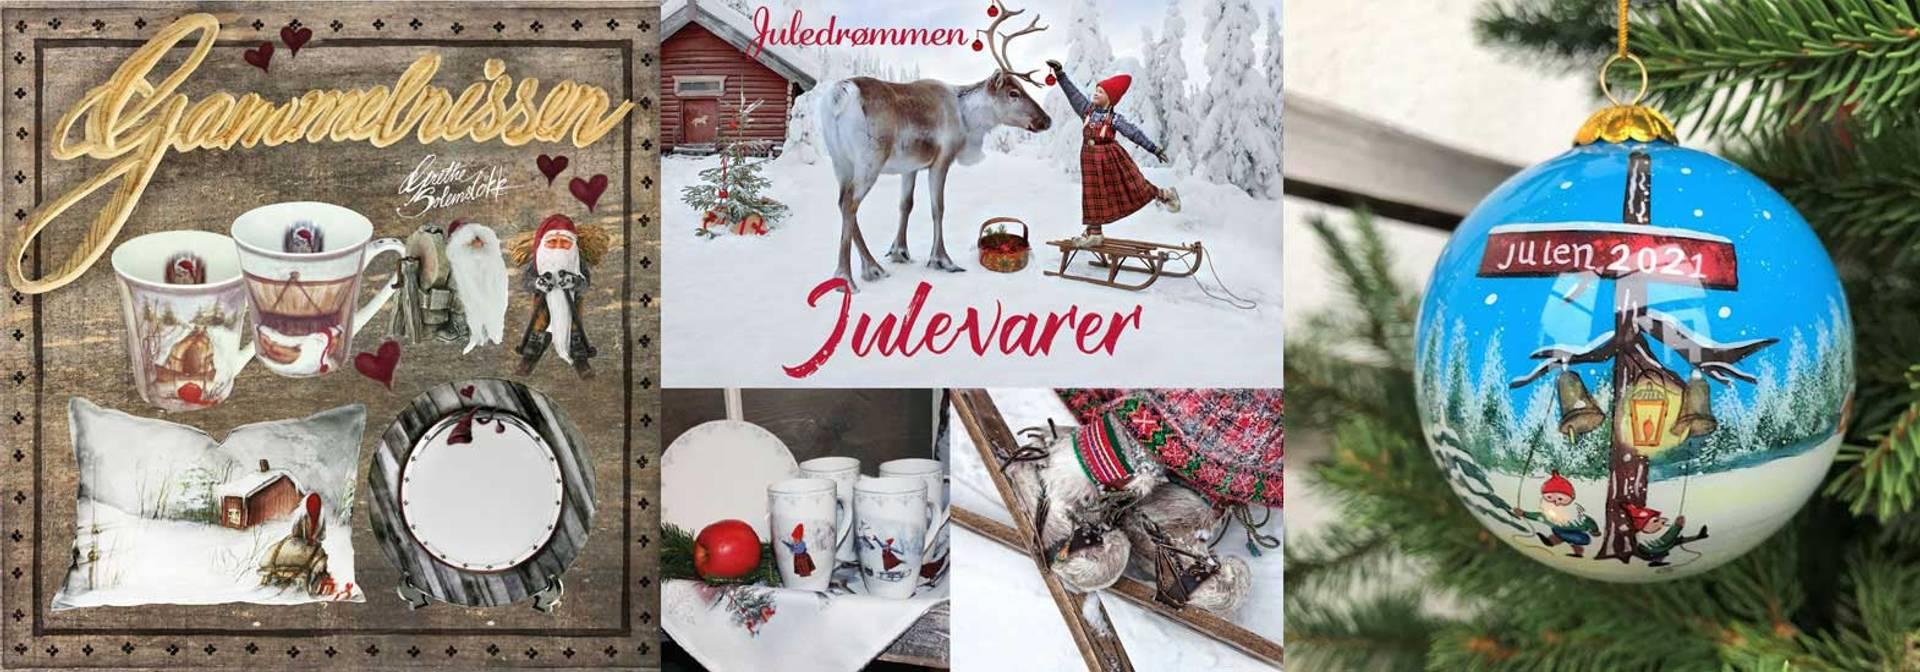 Julekule 2021, Gammelnissen, Vinterbarn, Julestemning, Nisser, Engelr